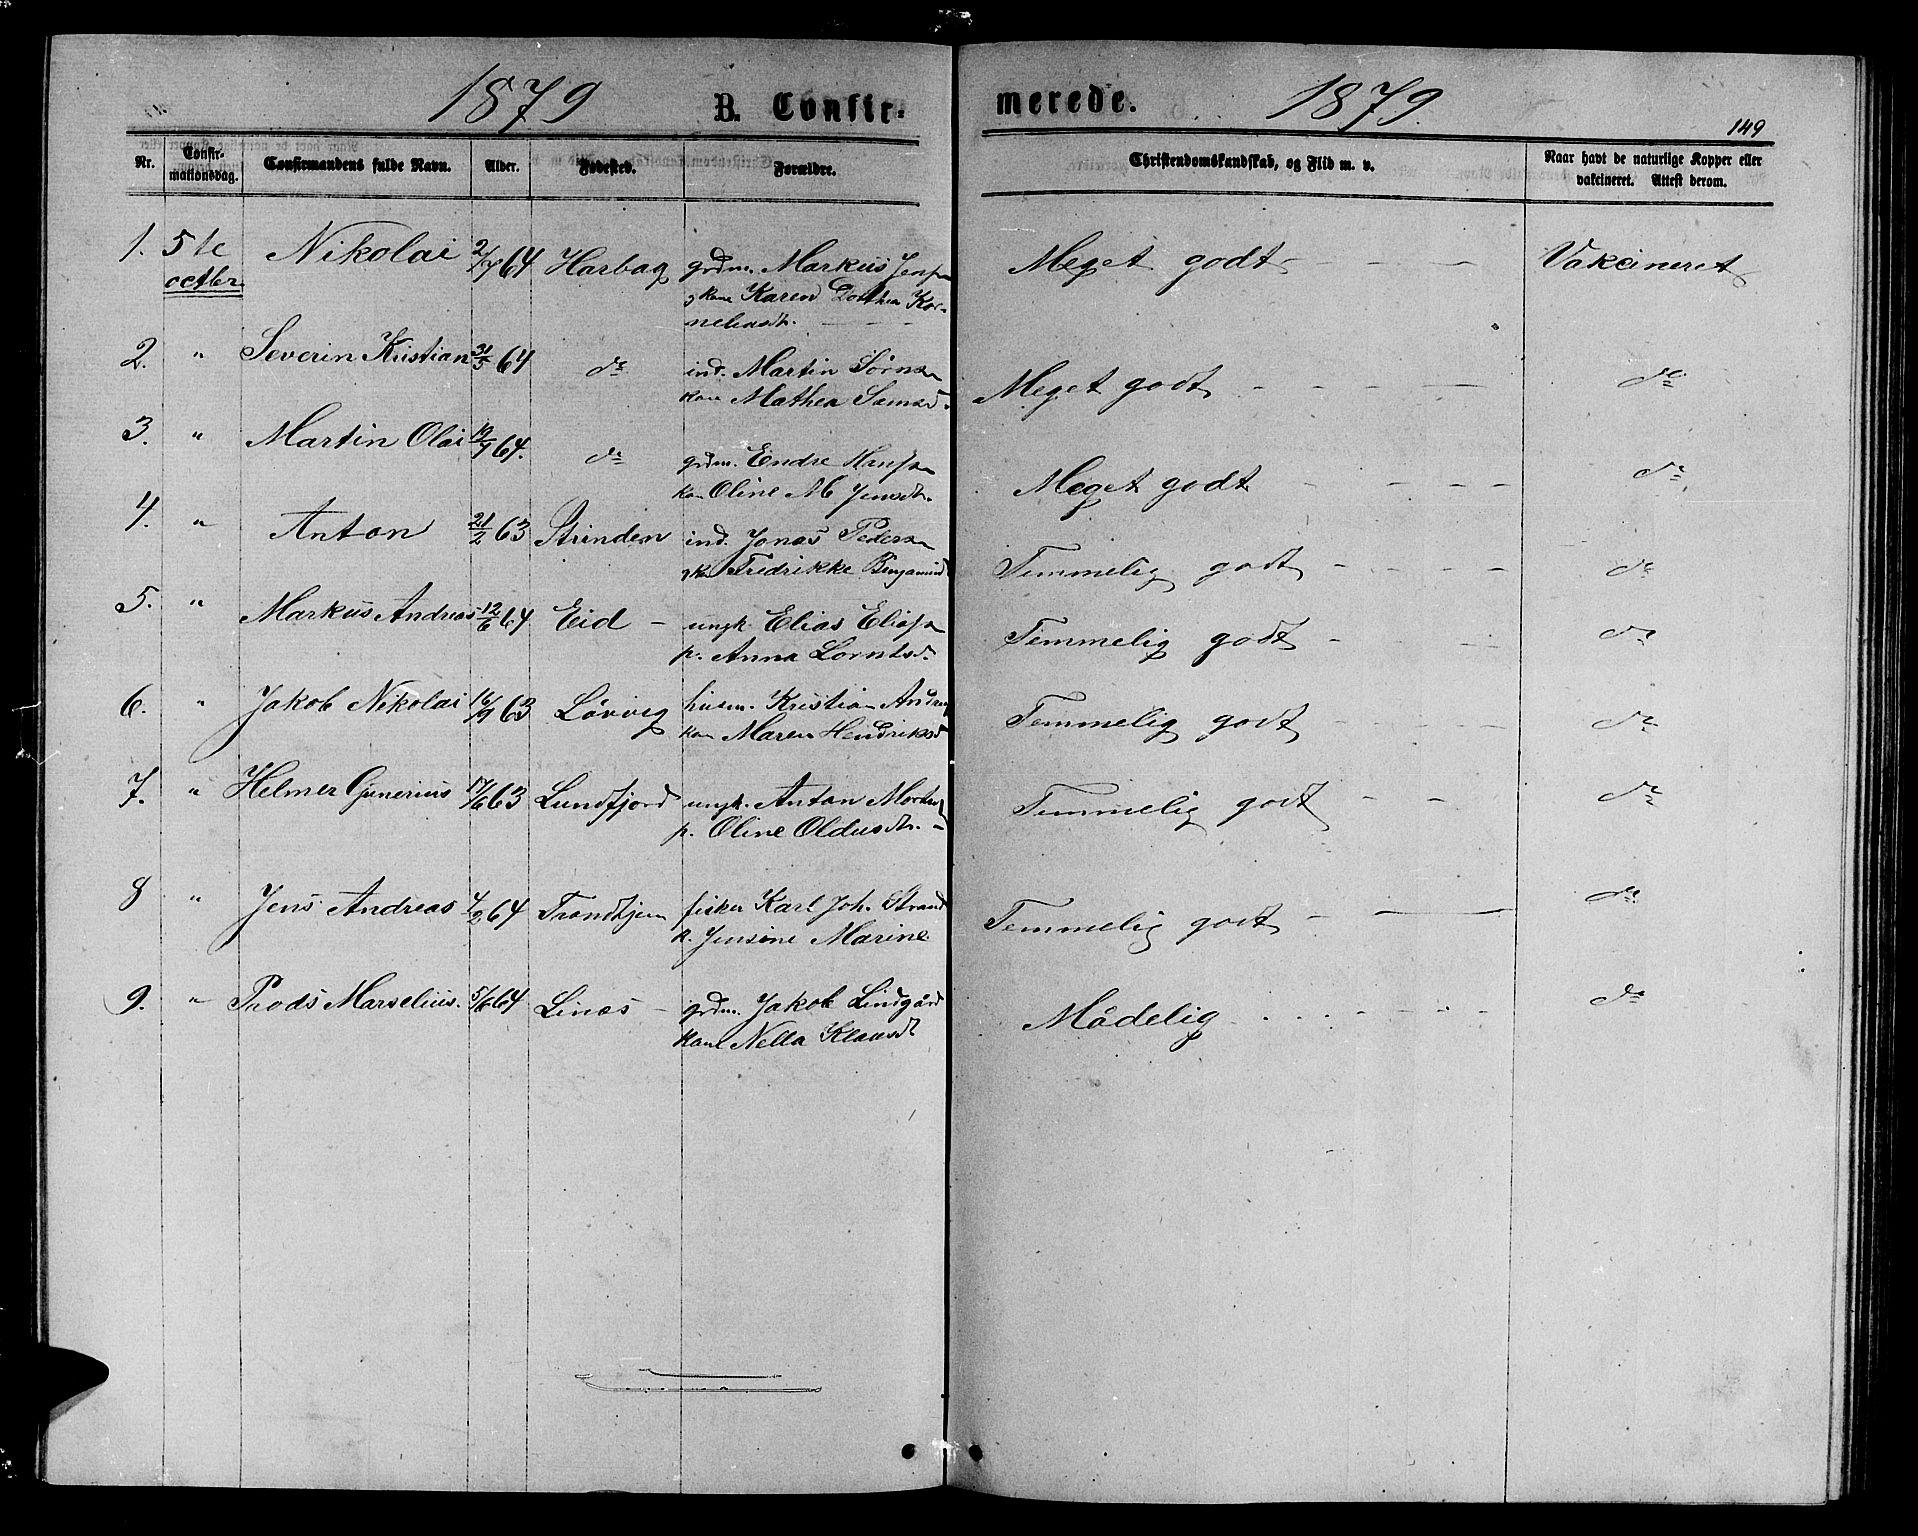 SAT, Ministerialprotokoller, klokkerbøker og fødselsregistre - Sør-Trøndelag, 656/L0695: Klokkerbok nr. 656C01, 1867-1889, s. 149